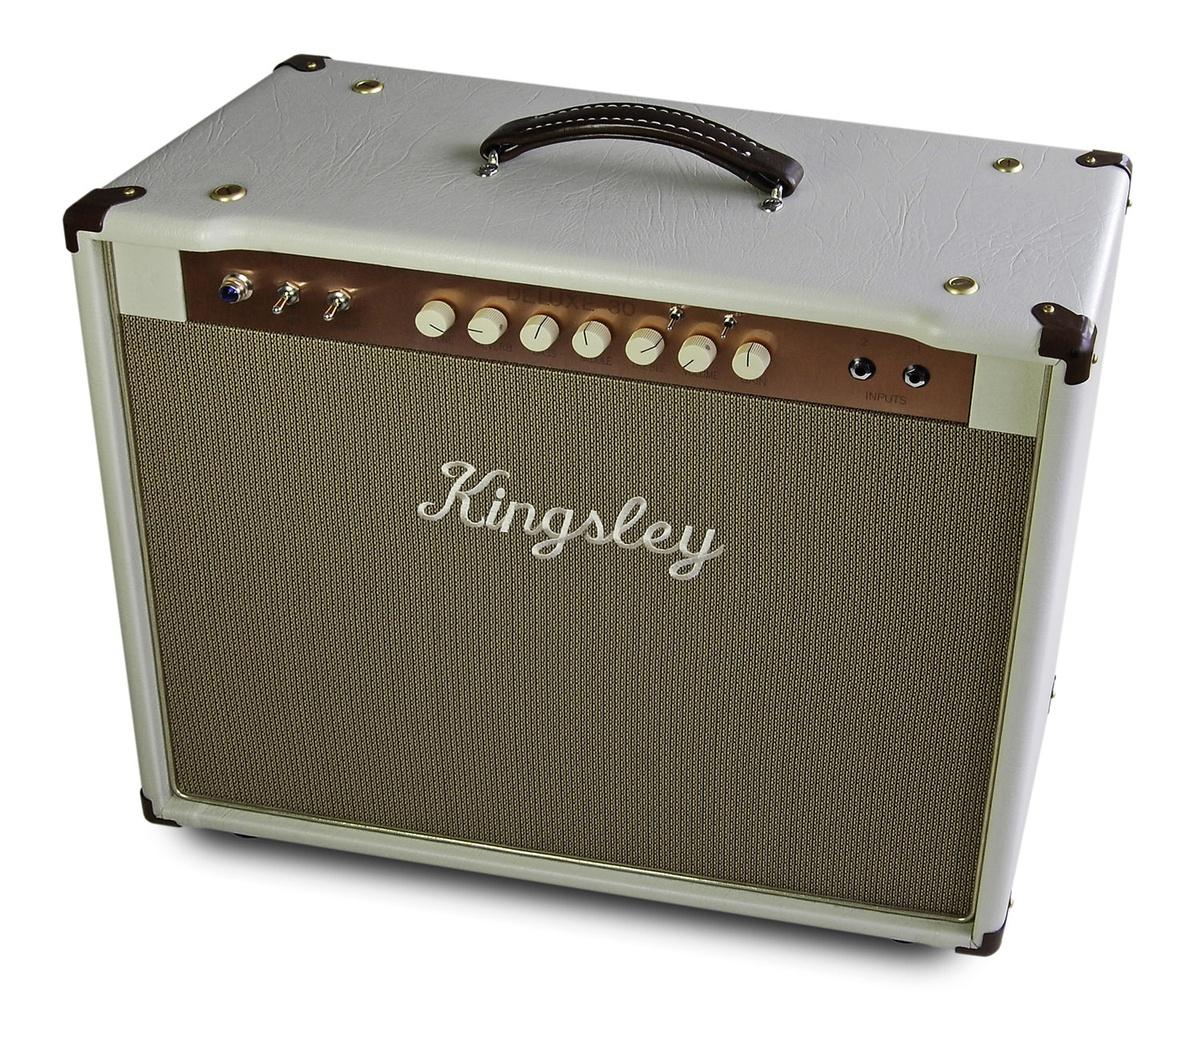 Kingsley Amplifiers 70 Watt Guitar Amplifier Circuit Preamplifier Tone Control For Deluxe 30